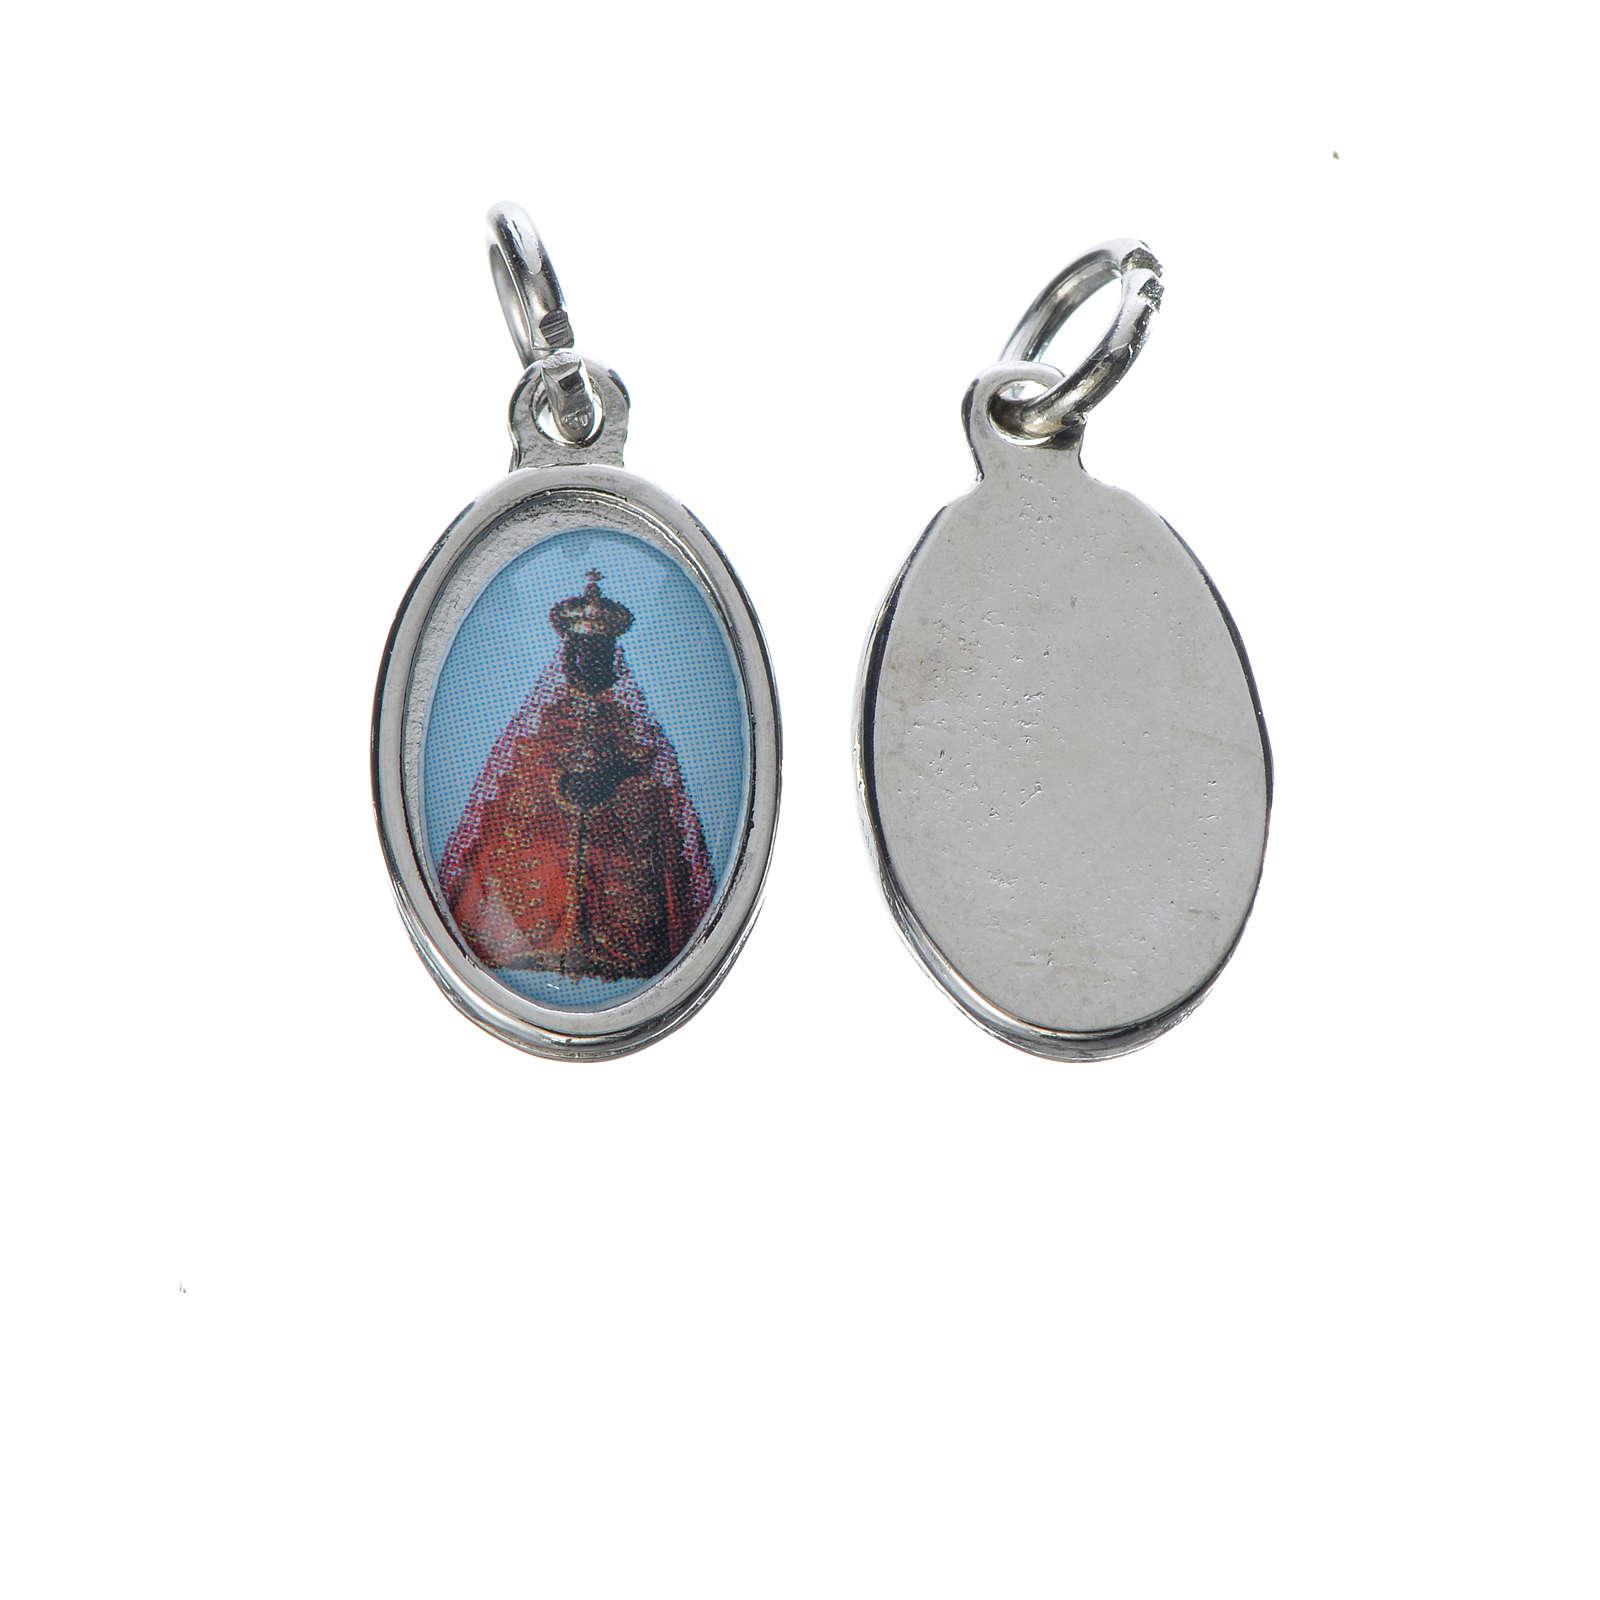 Medaglia Vergine Nera metallo argentato 1,5cm 4